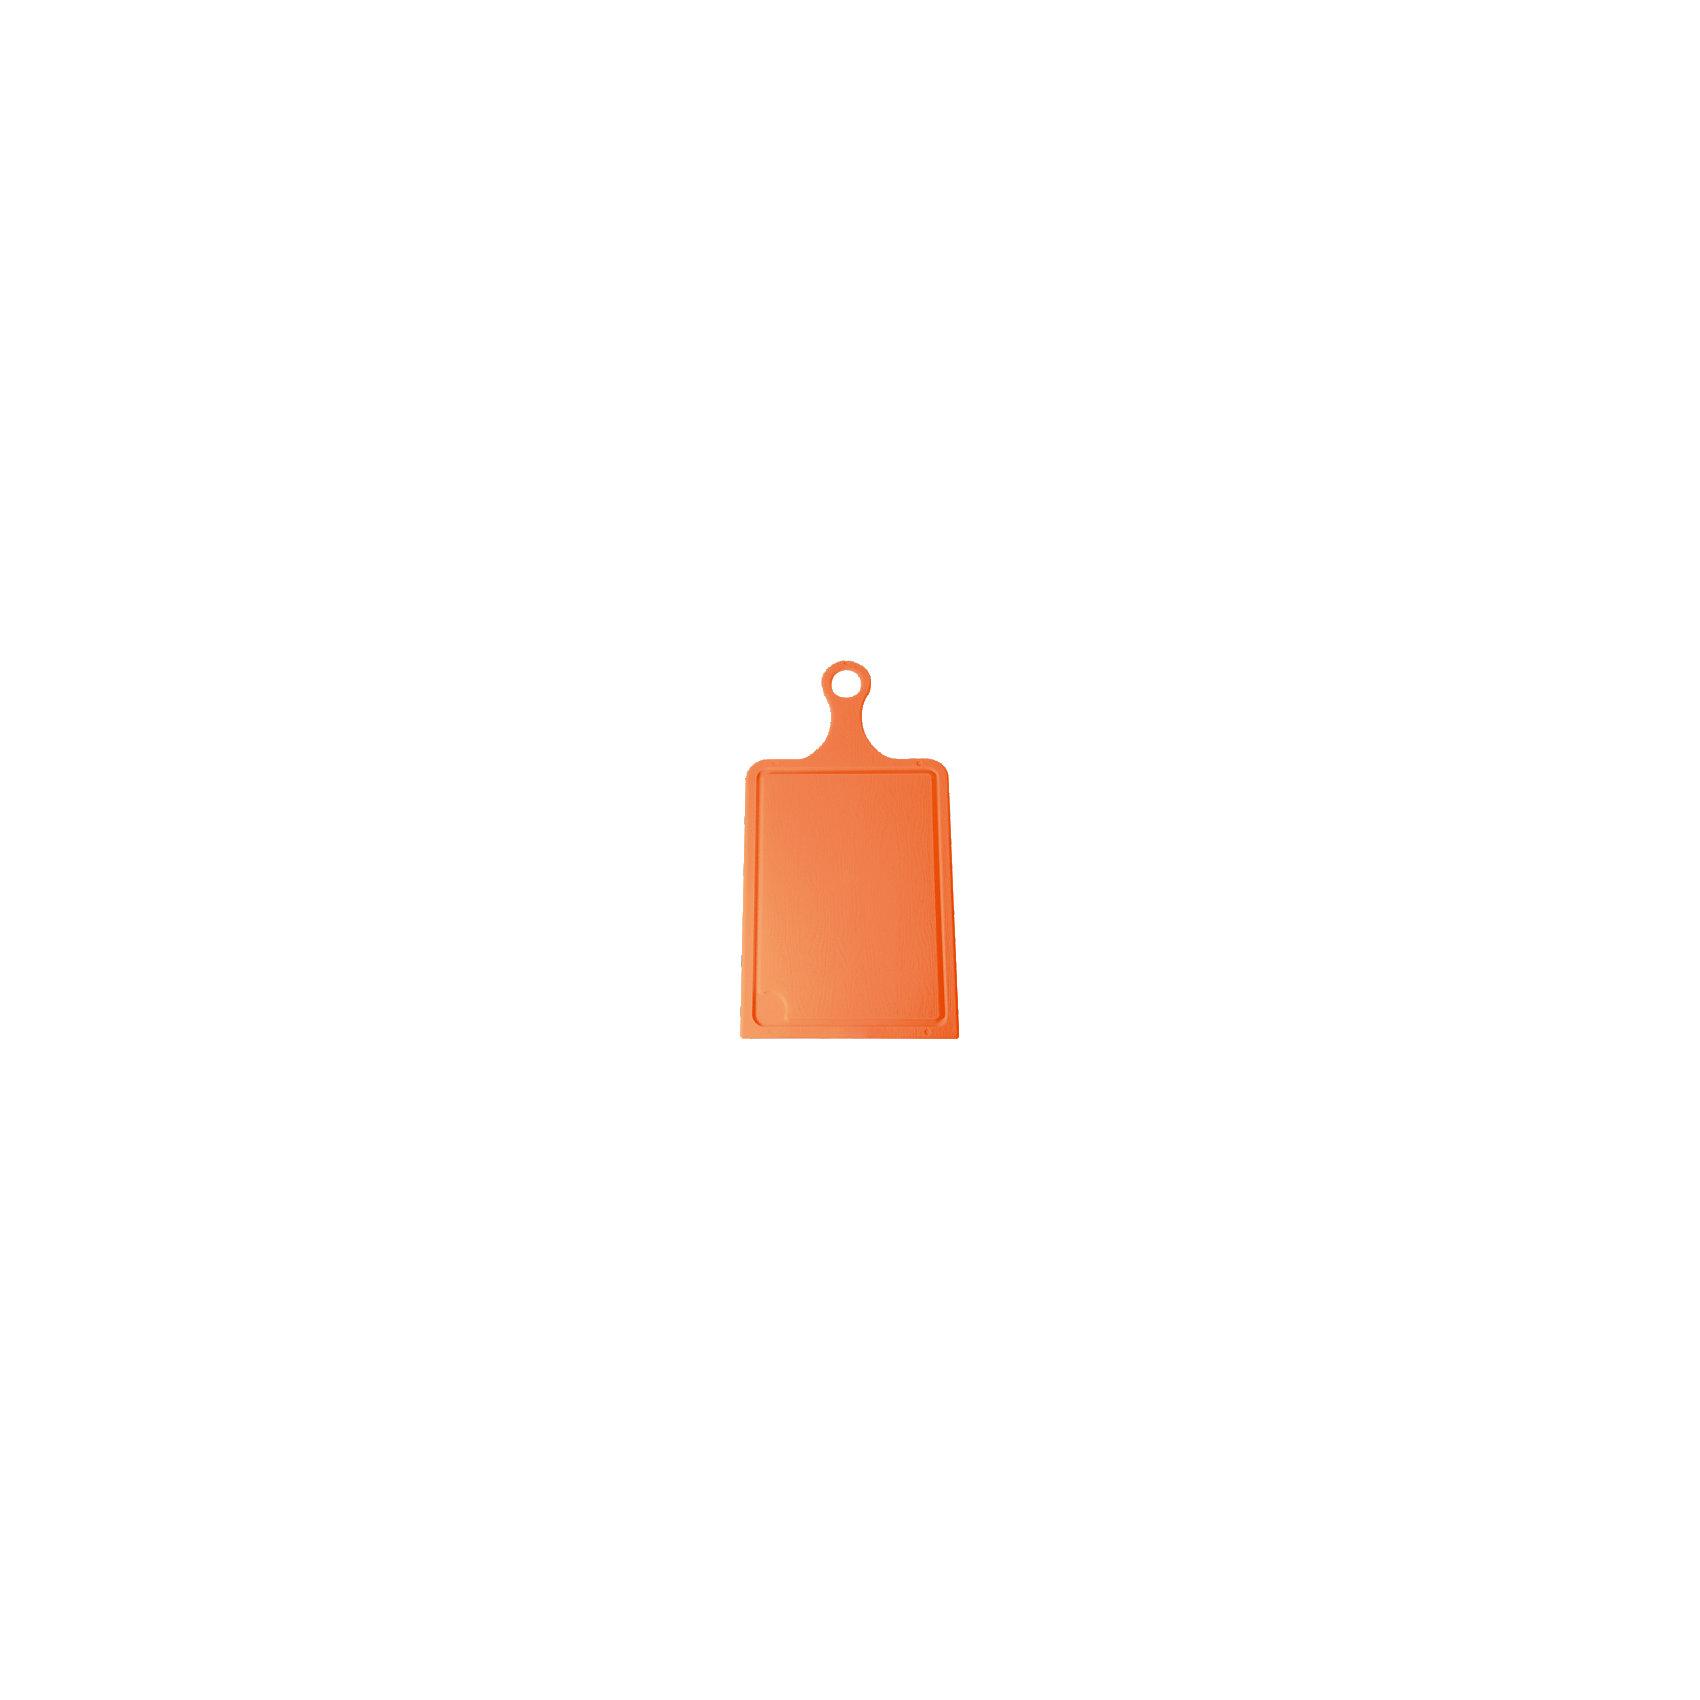 Доска разделочная №2, Plastic CentreПосуда<br>Доска разделочная №2, Plastic Centre<br><br>Характеристики:<br><br>• Цвет: оранжевый<br>• Материал: пластик<br>• В комплекте: 1 штука<br>• Размер: 43х22 см<br><br>Хорошие разделочные доски позволят вам легко навести порядок на вашей кухне и не отвлекаться на мелочи. Эта доска оснащена специальным желобком, который поможет слить стекающую воду, не потревожив продукты. Изготовлены они из высококачественного пищевого пластика, который безопасен  для здоровья. Доска устойчива к запахам и порезам от ножа.<br><br>Доска разделочная №2, Plastic Centre можно купить в нашем интернет-магазине.<br><br>Ширина мм: 430<br>Глубина мм: 220<br>Высота мм: 6<br>Вес г: 359<br>Возраст от месяцев: 216<br>Возраст до месяцев: 1188<br>Пол: Унисекс<br>Возраст: Детский<br>SKU: 5545670